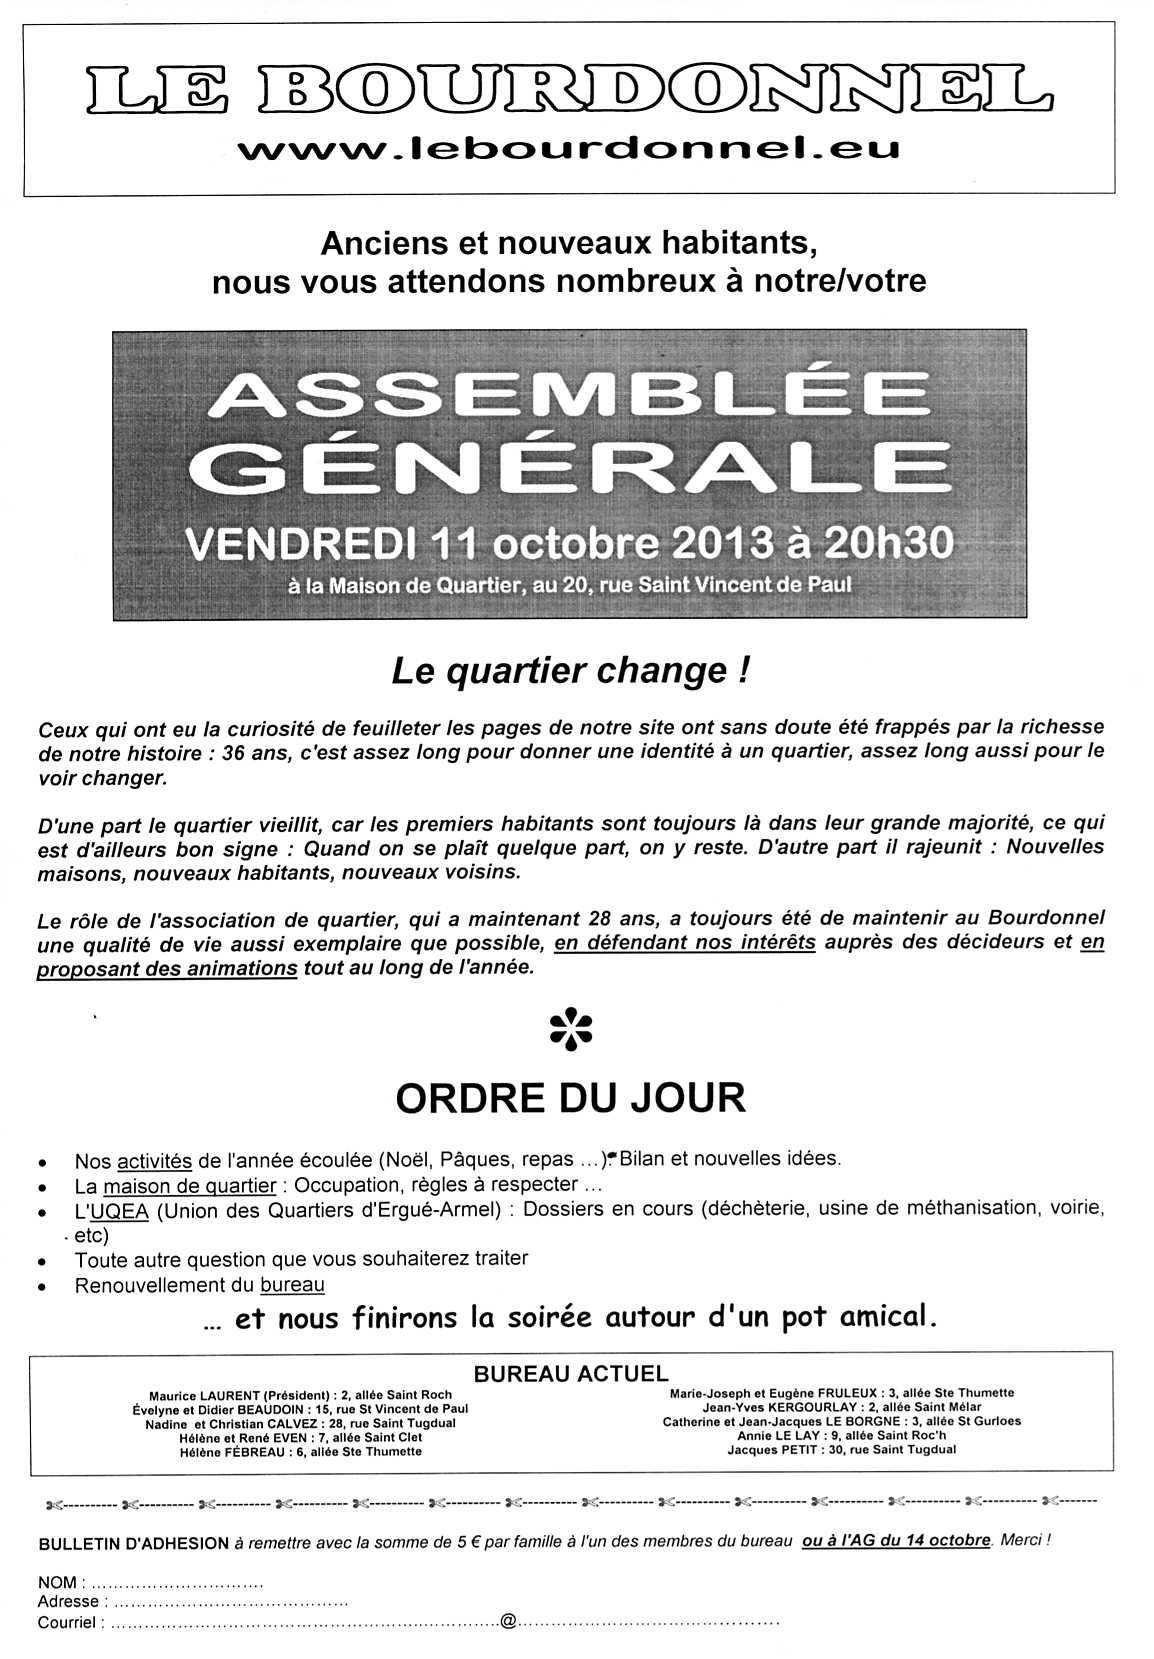 Ag 2013 - Assemblee generale association renouvellement bureau ...